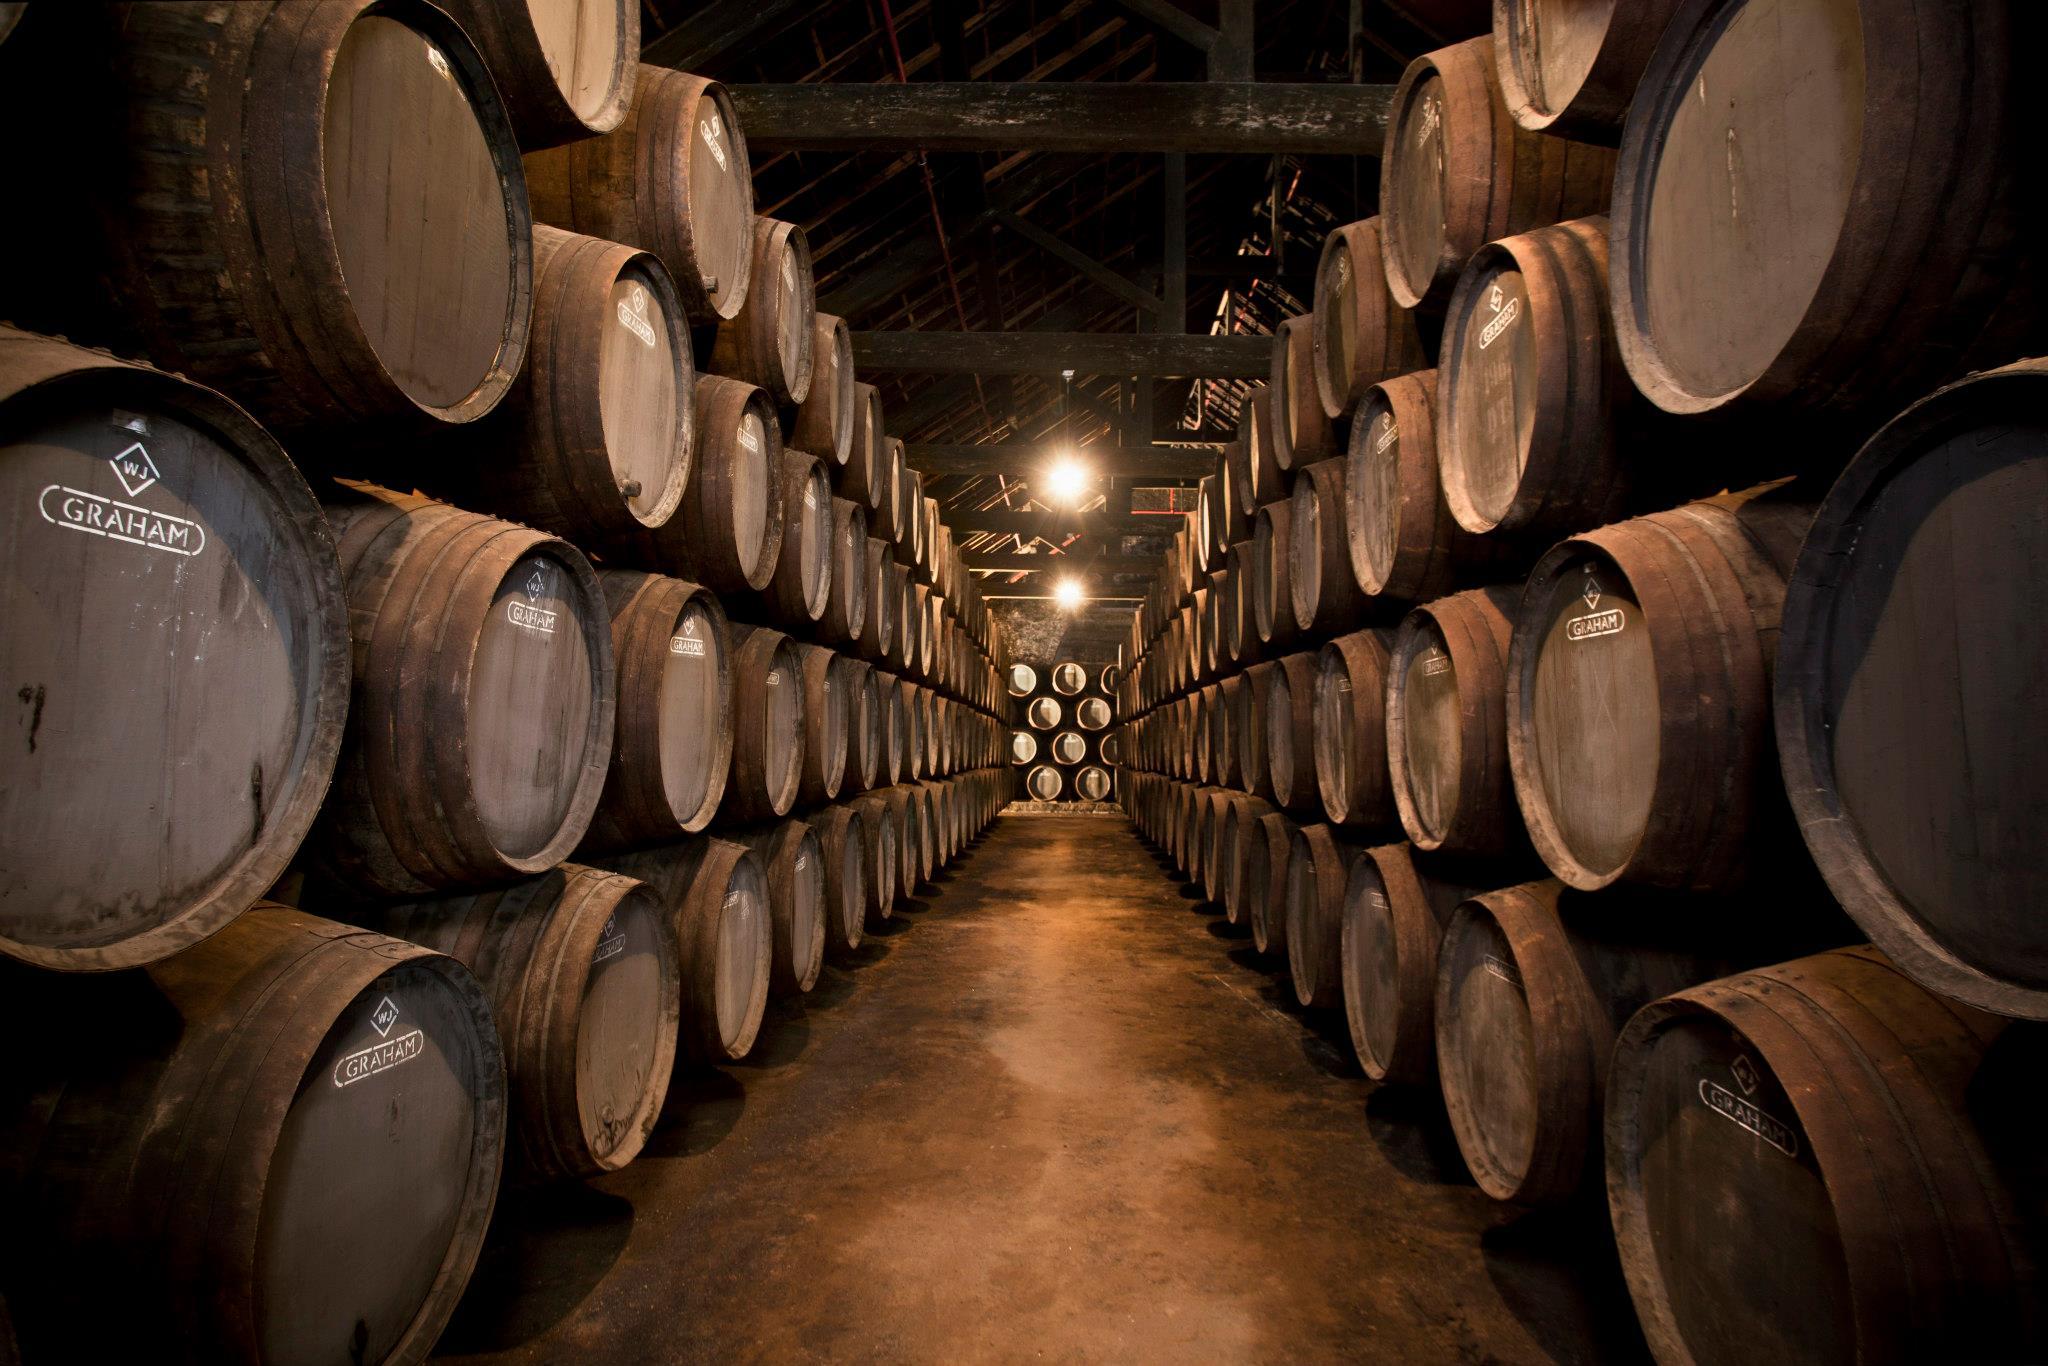 Stock de tonneaux de vin de Porto - Cave Grahams - Grahams 1890 Lodge